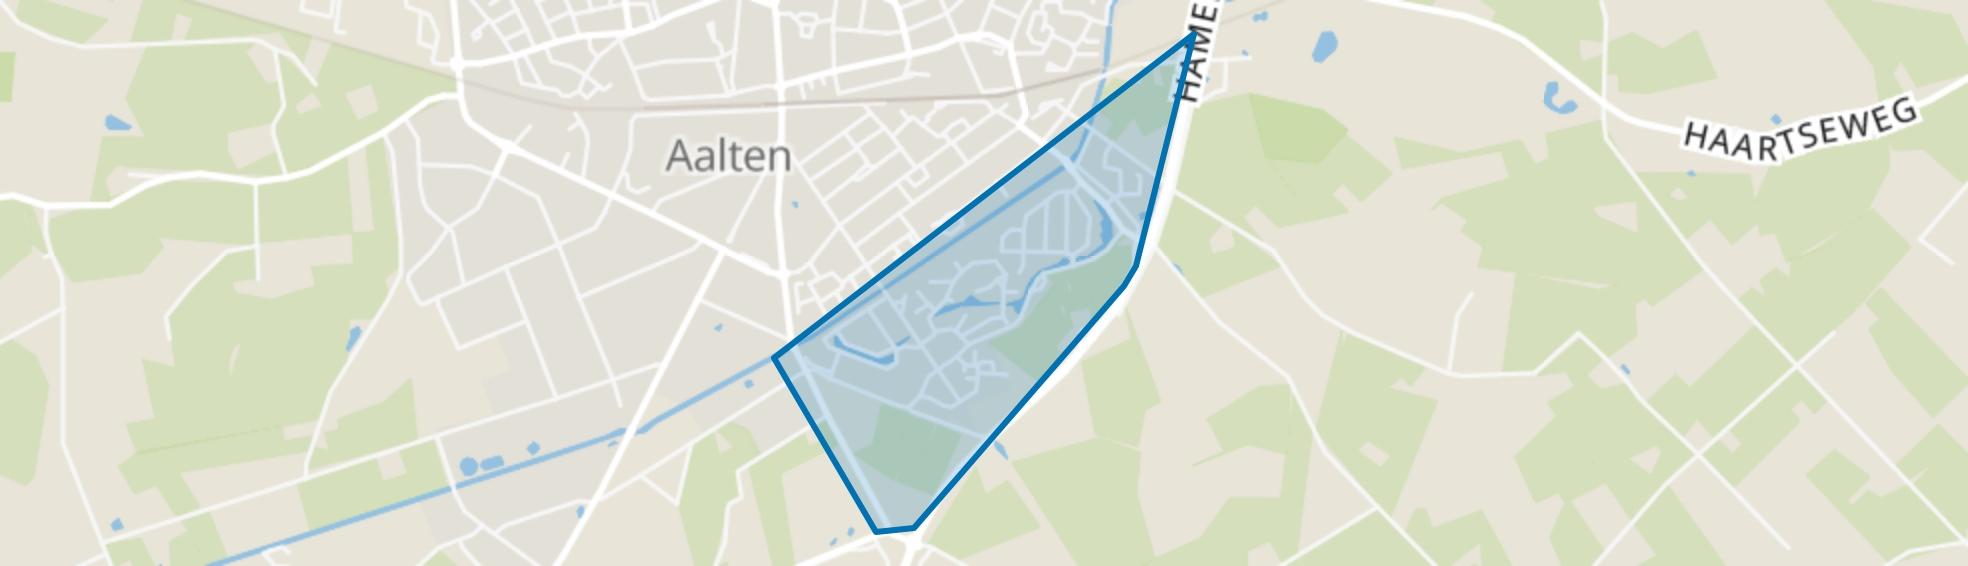 Aalten-kern Zuid 2, Aalten map